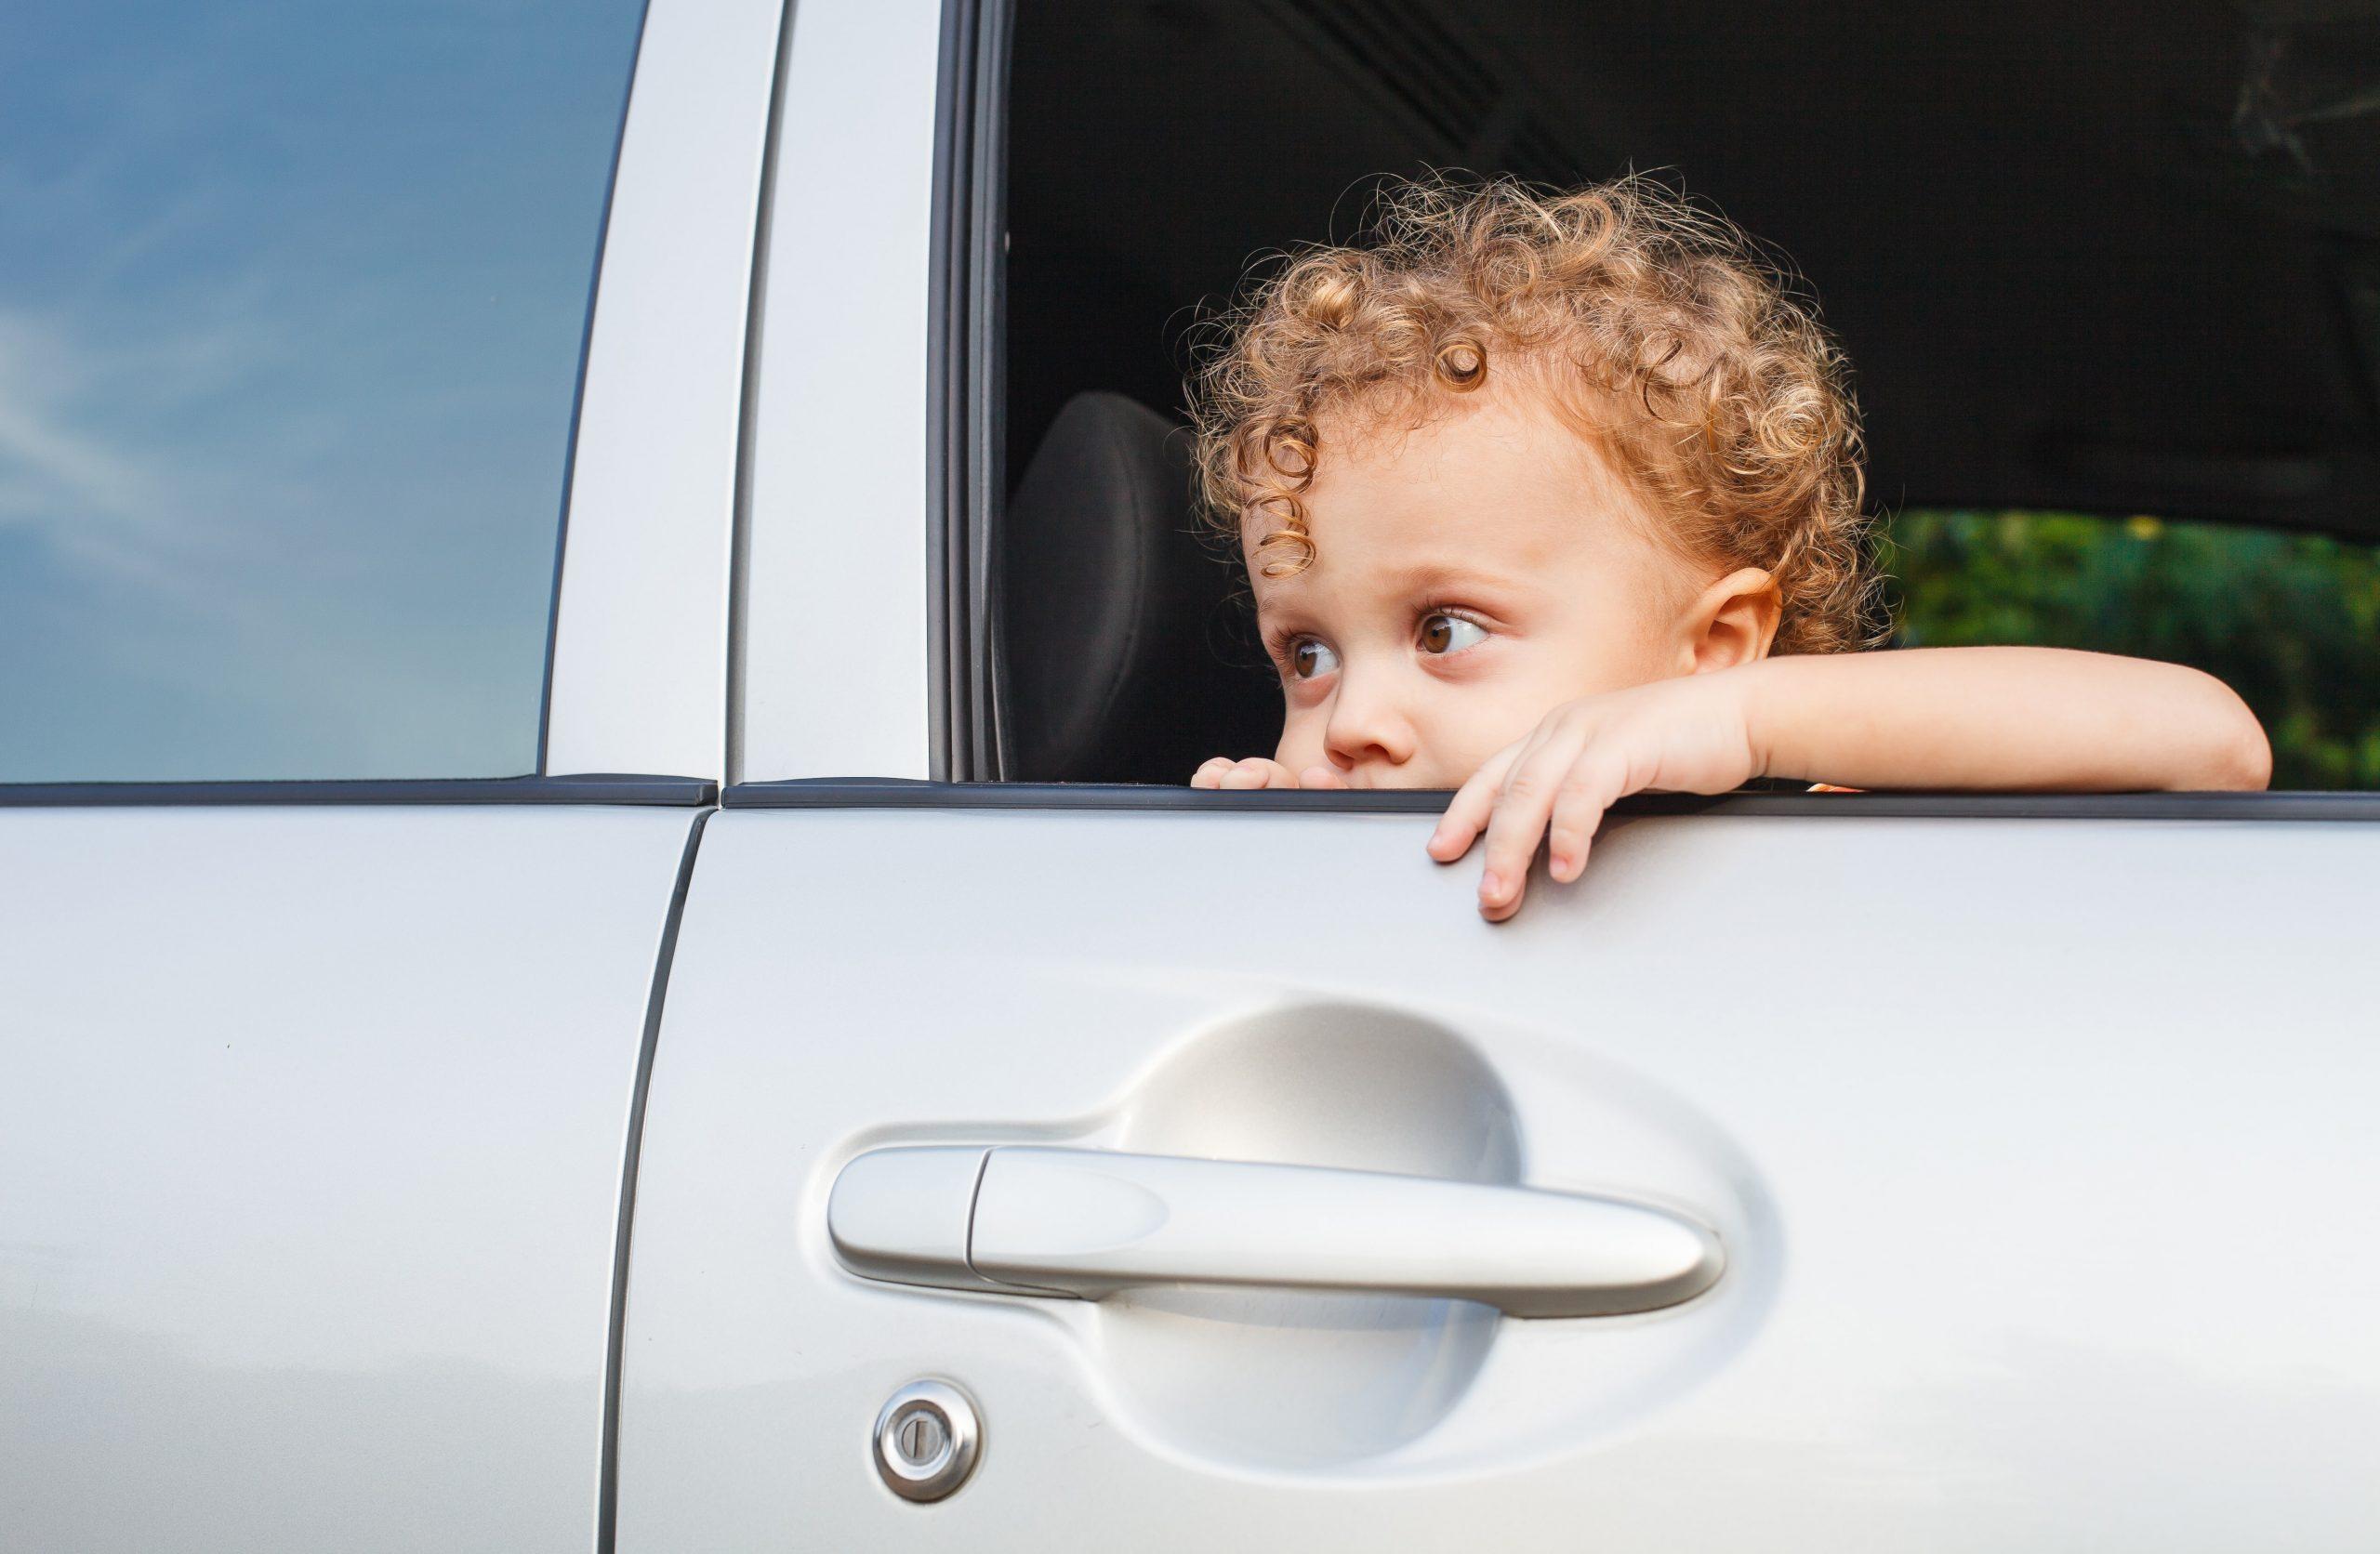 sad-boy-near-car-window-UA89XMZ